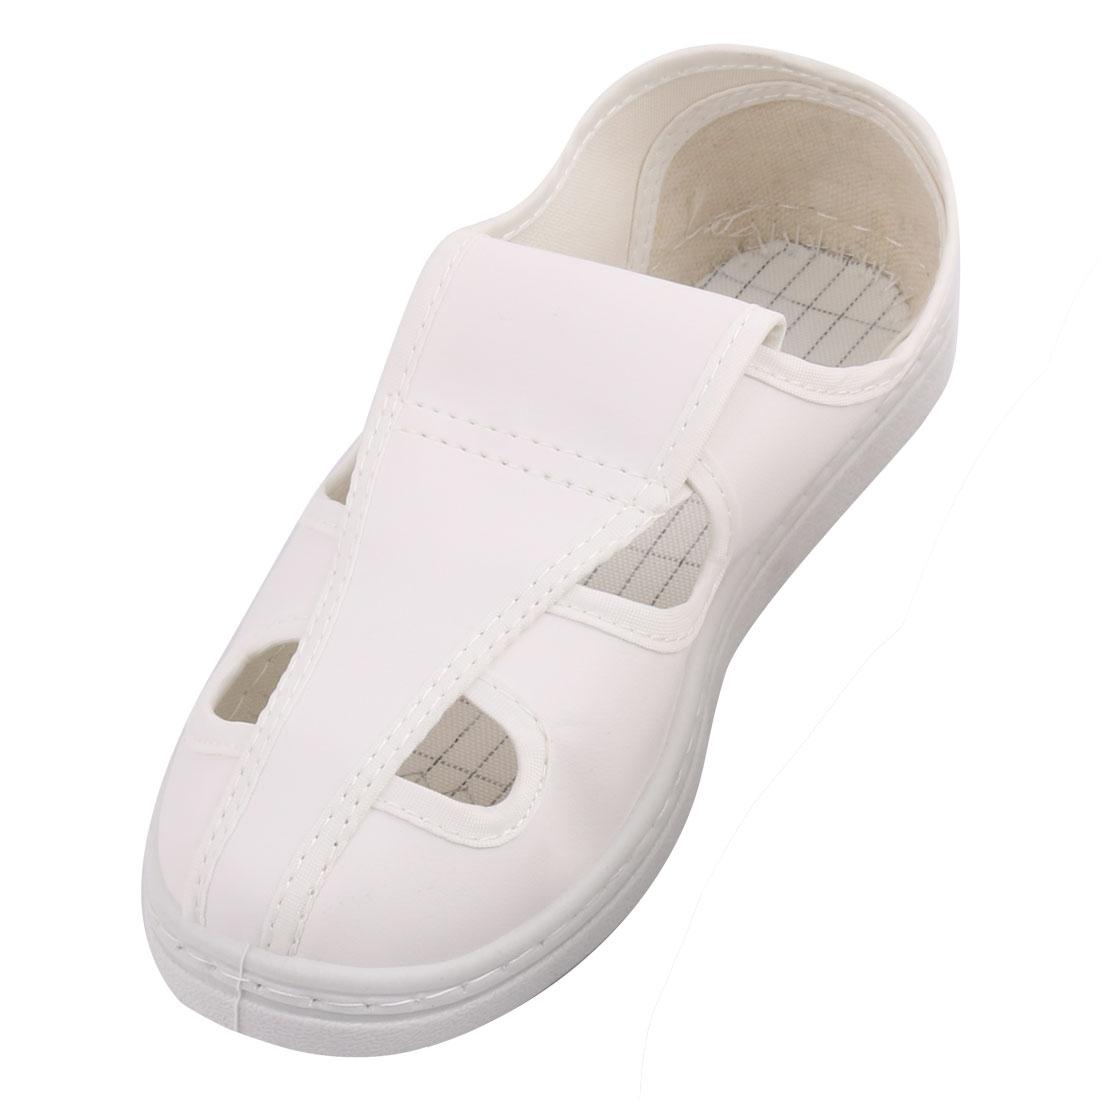 US6 UK4 EU36 PU Hard Bottom Nonslip Flat Sole Anti-static 4-Hole Leather Shoes